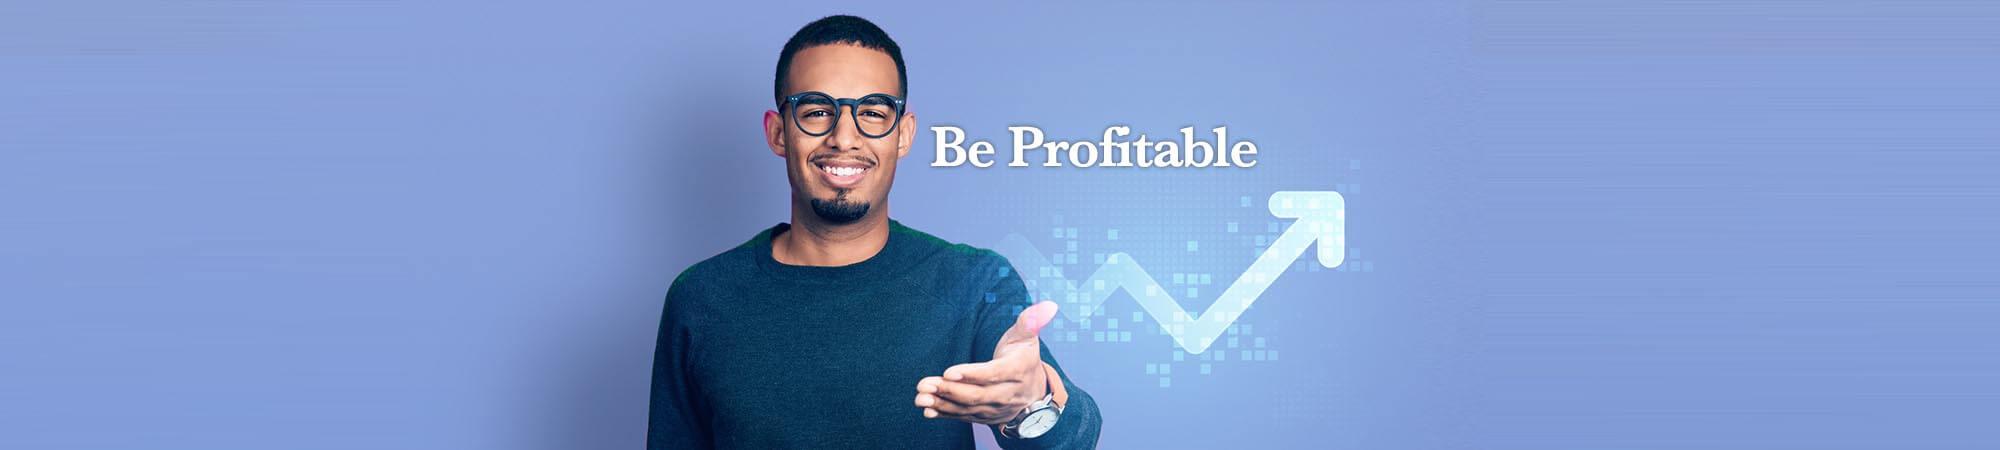 TEC-Slides-Hero-Dude_profit-no-cta-2000px